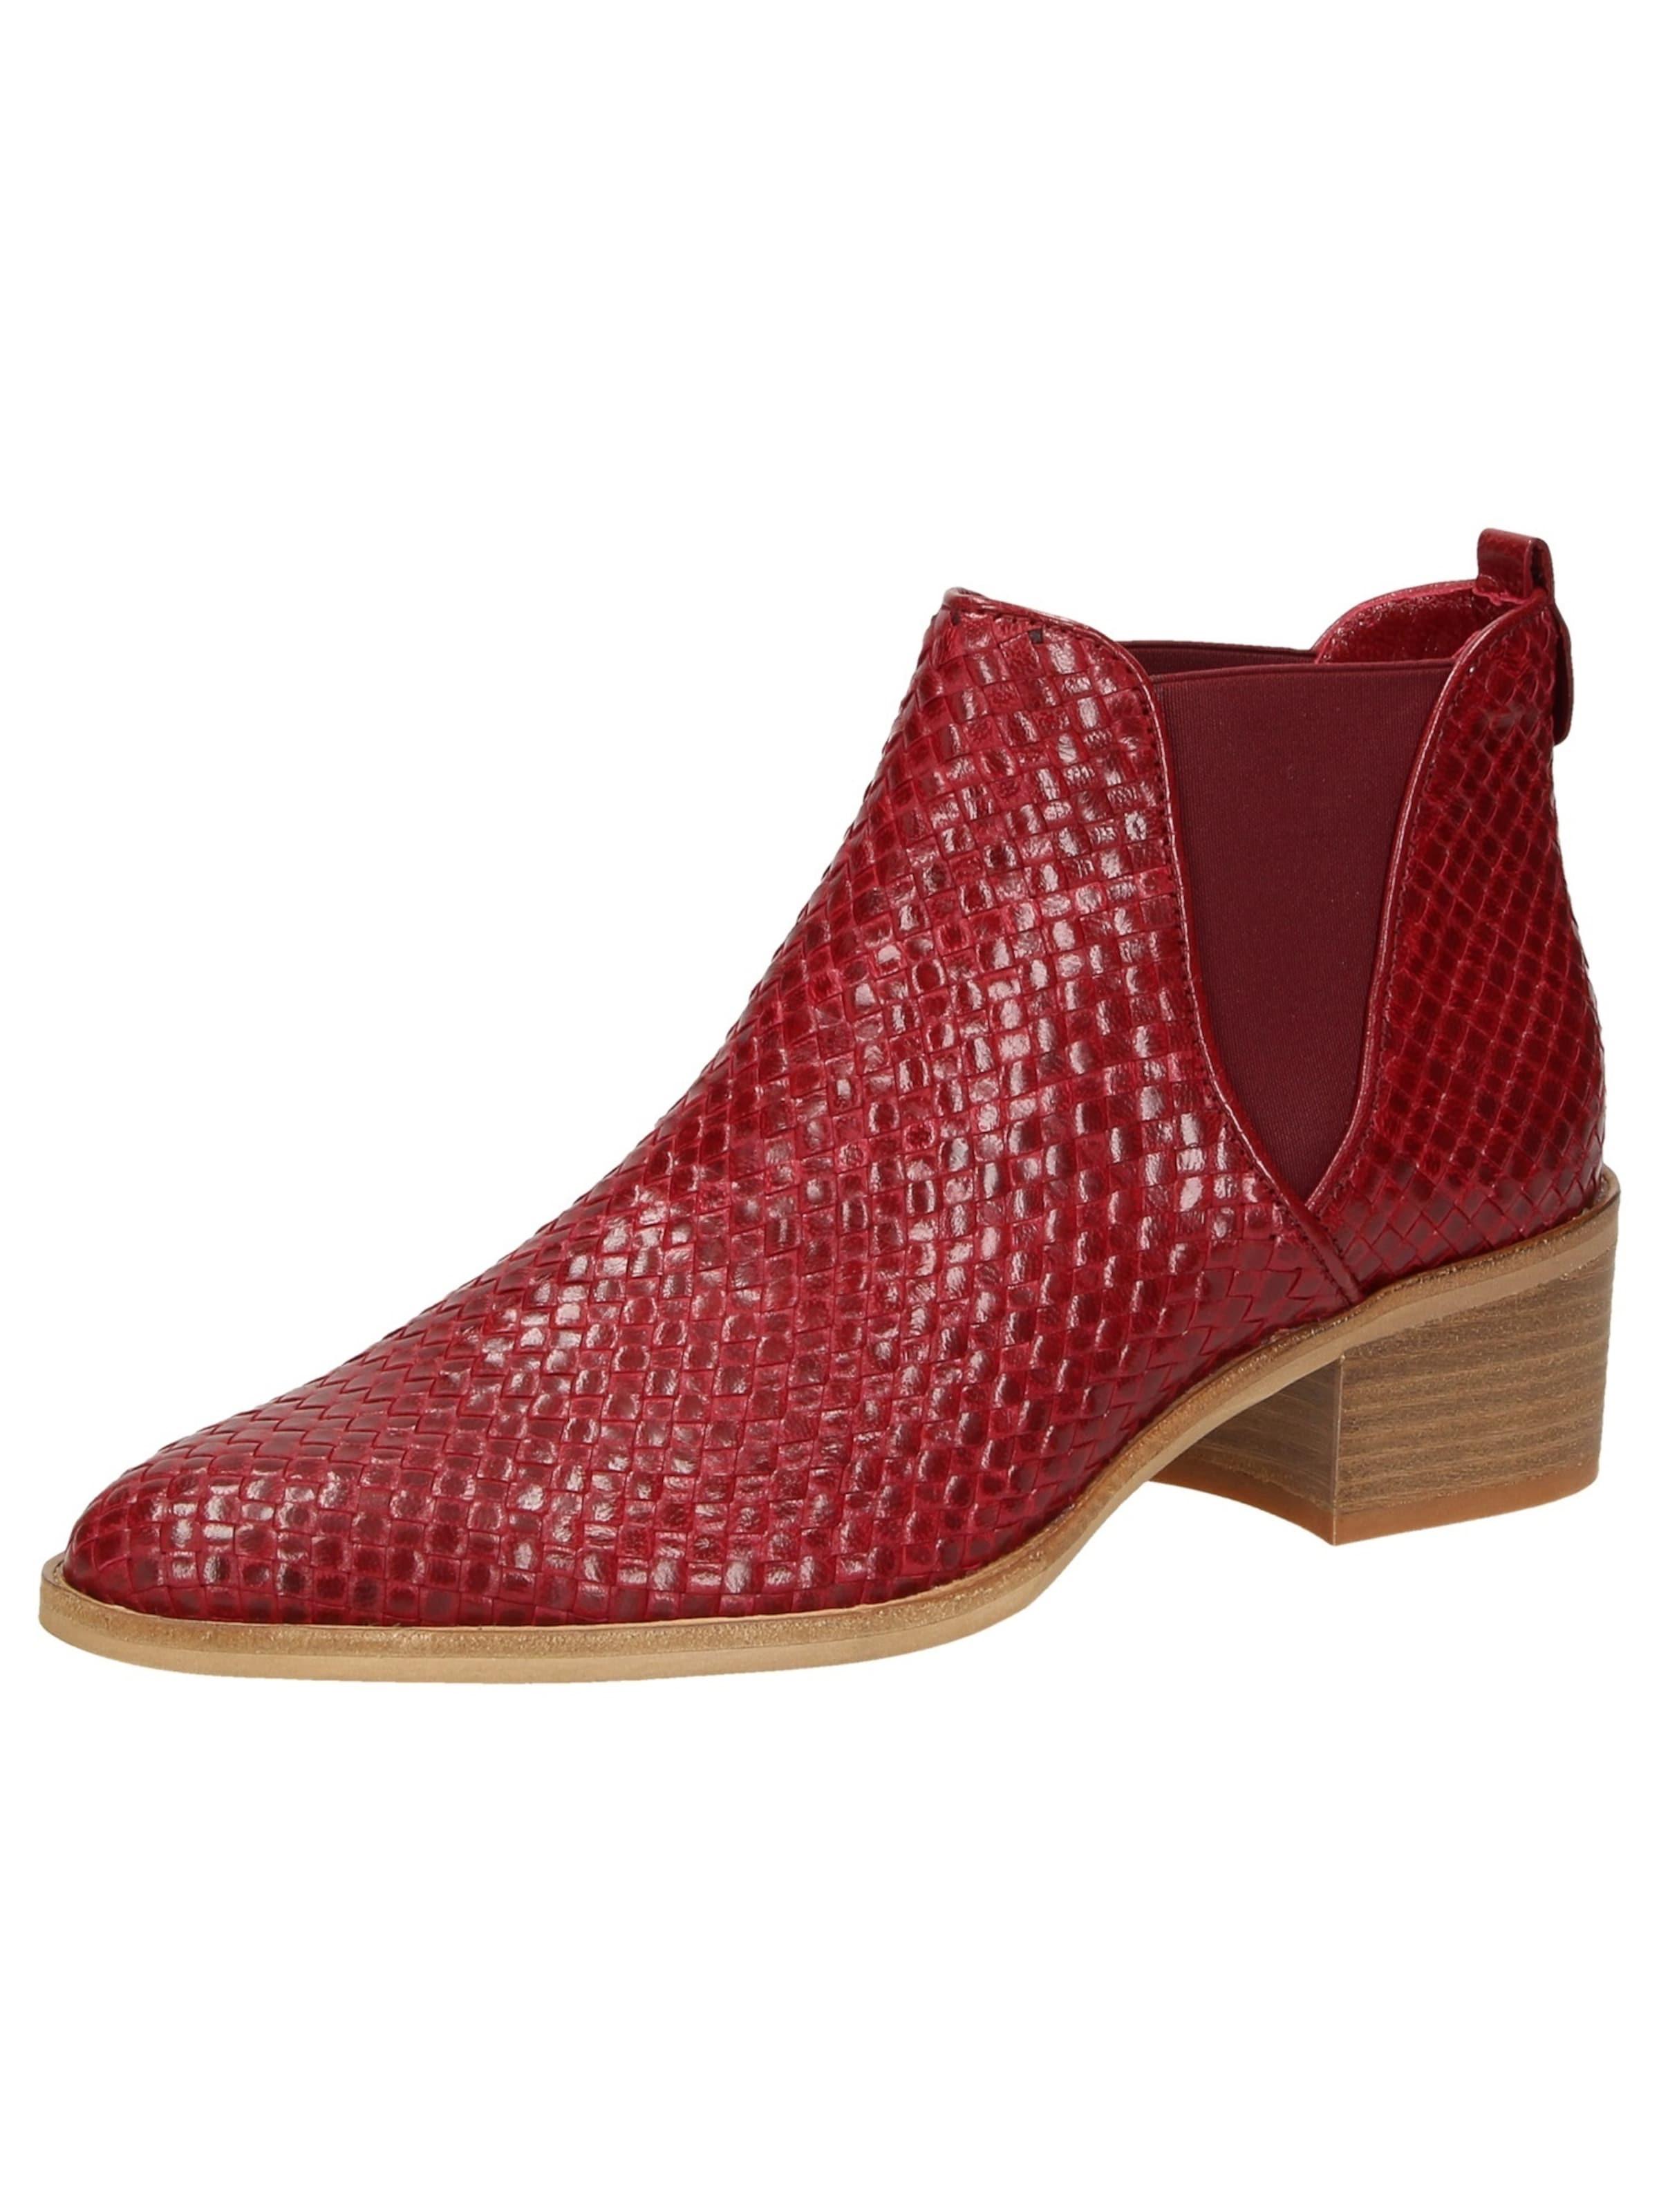 Haltbare Mode billige Schuhe SIOUX Gut | Stiefelette 'Abelke' Schuhe Gut SIOUX getragene Schuhe cc0adb